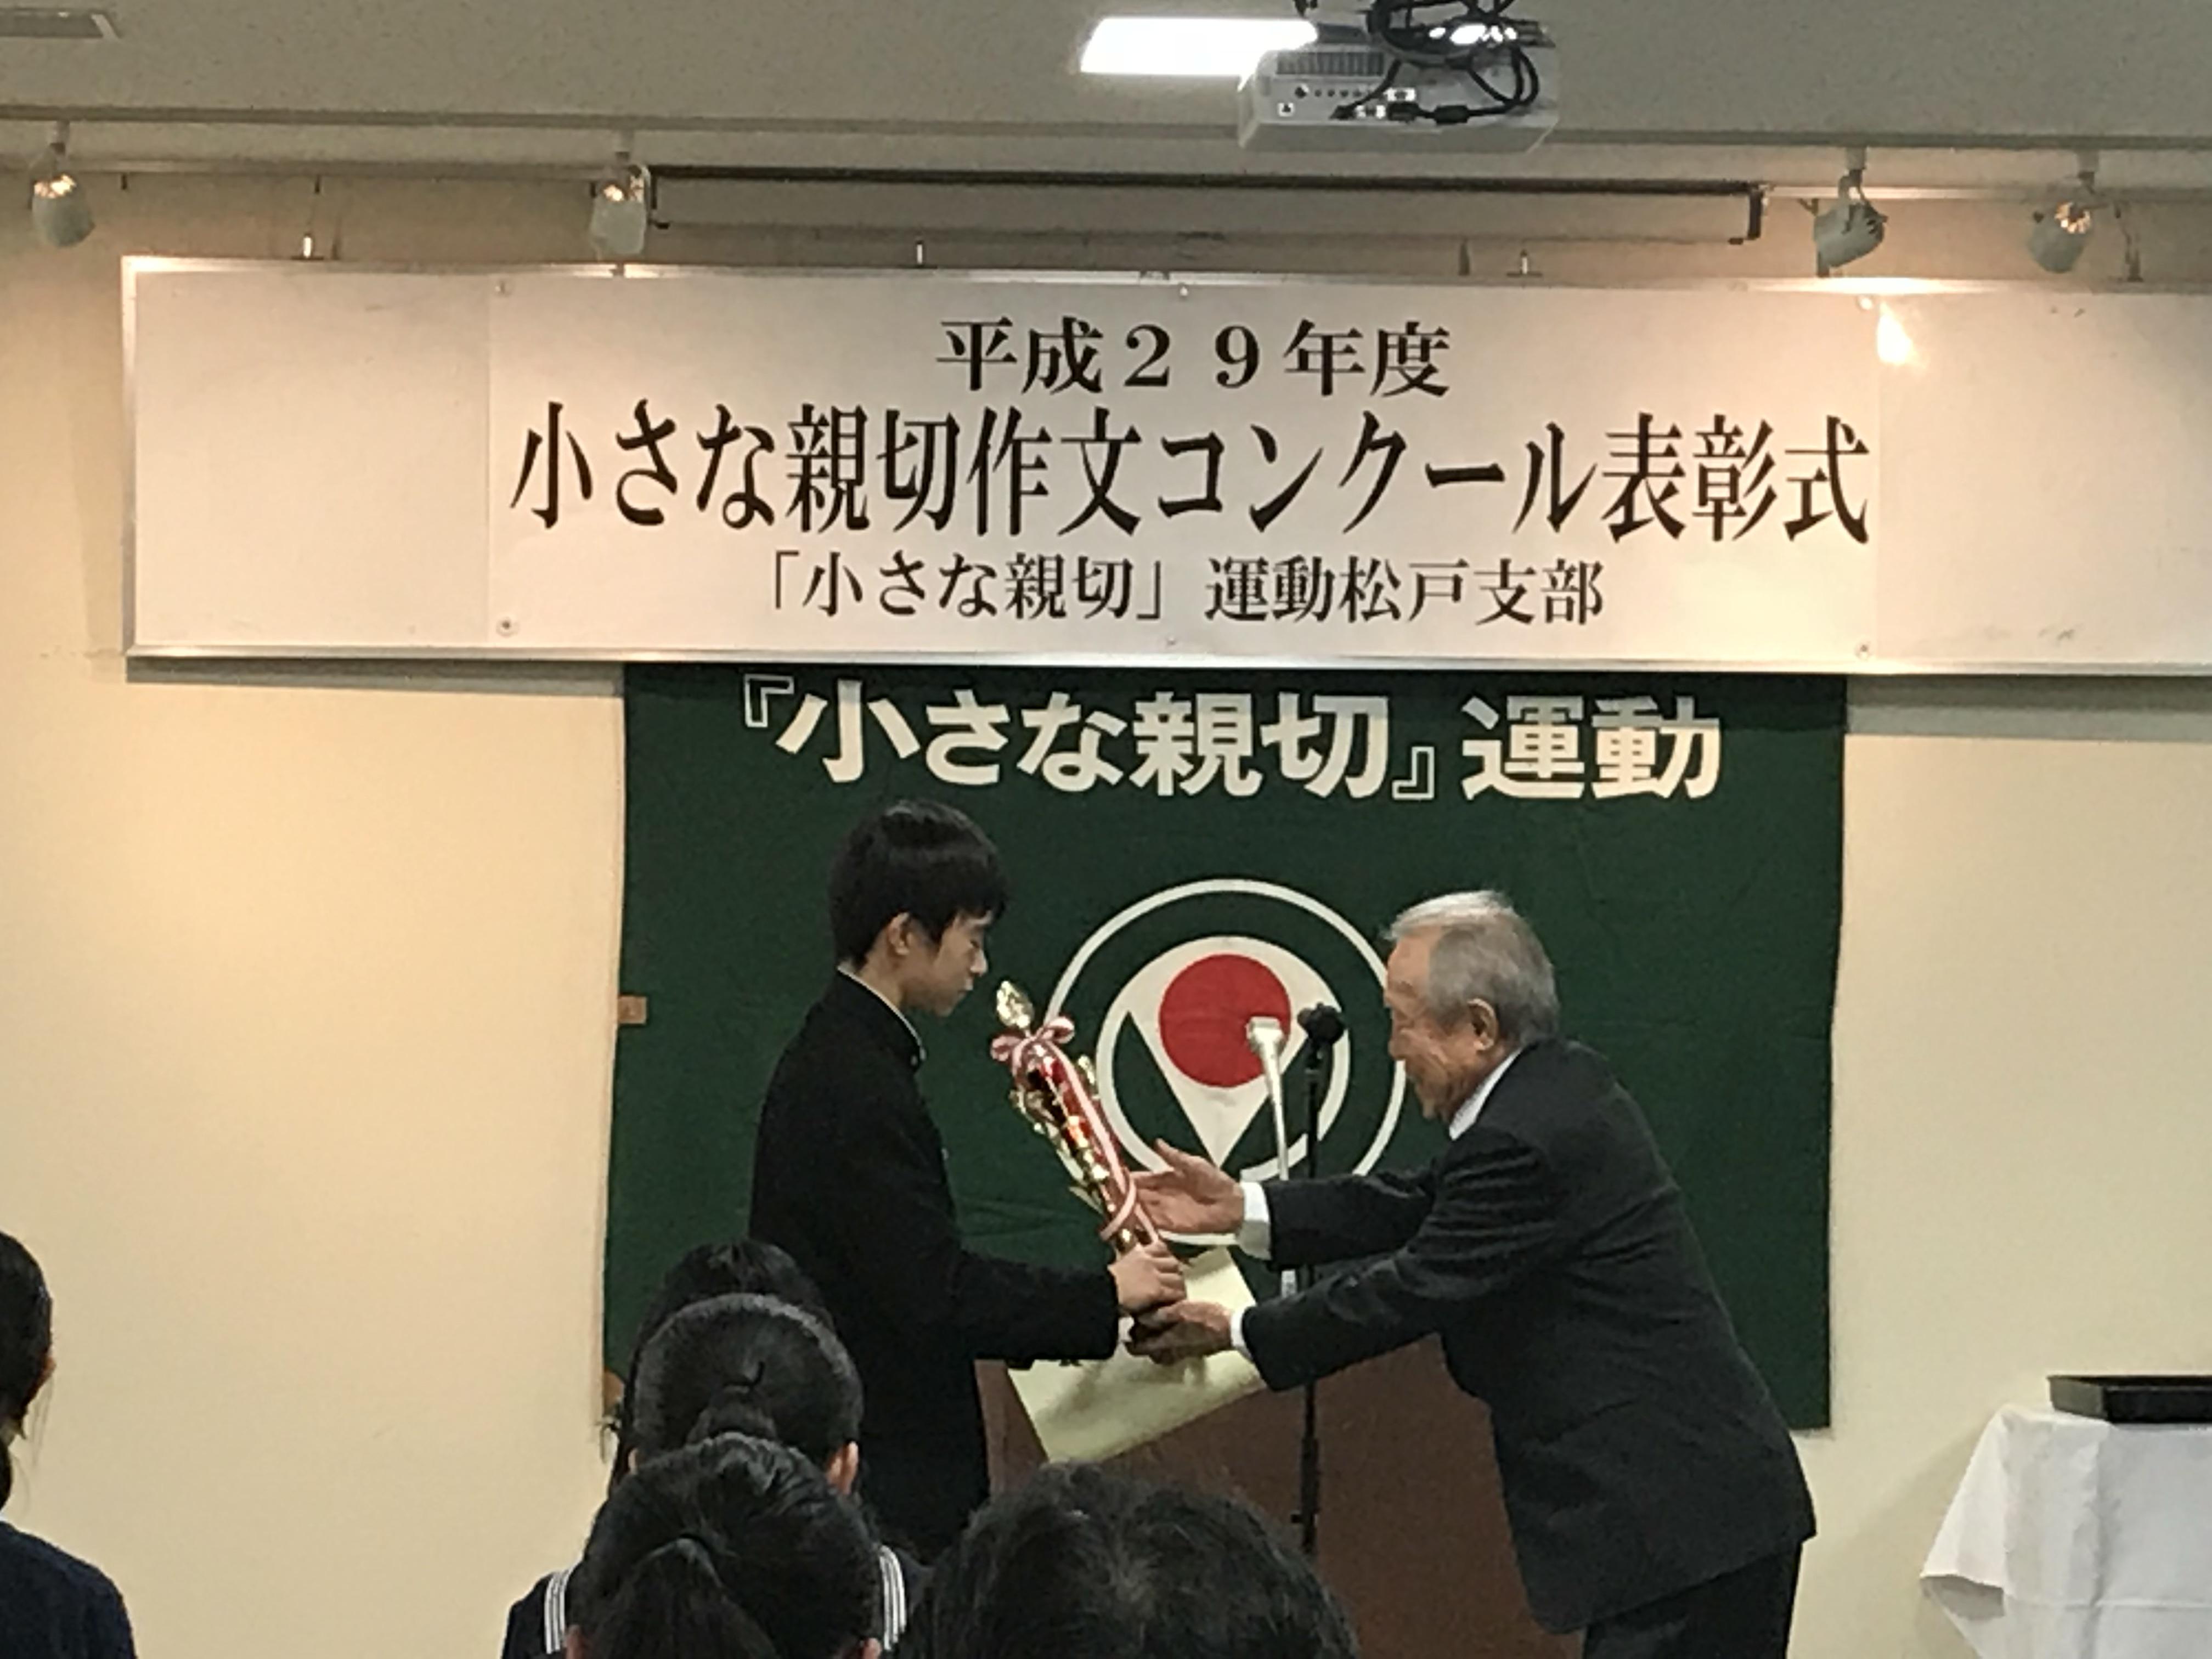 千葉県 松戸支部で作文コンクール表彰式開催